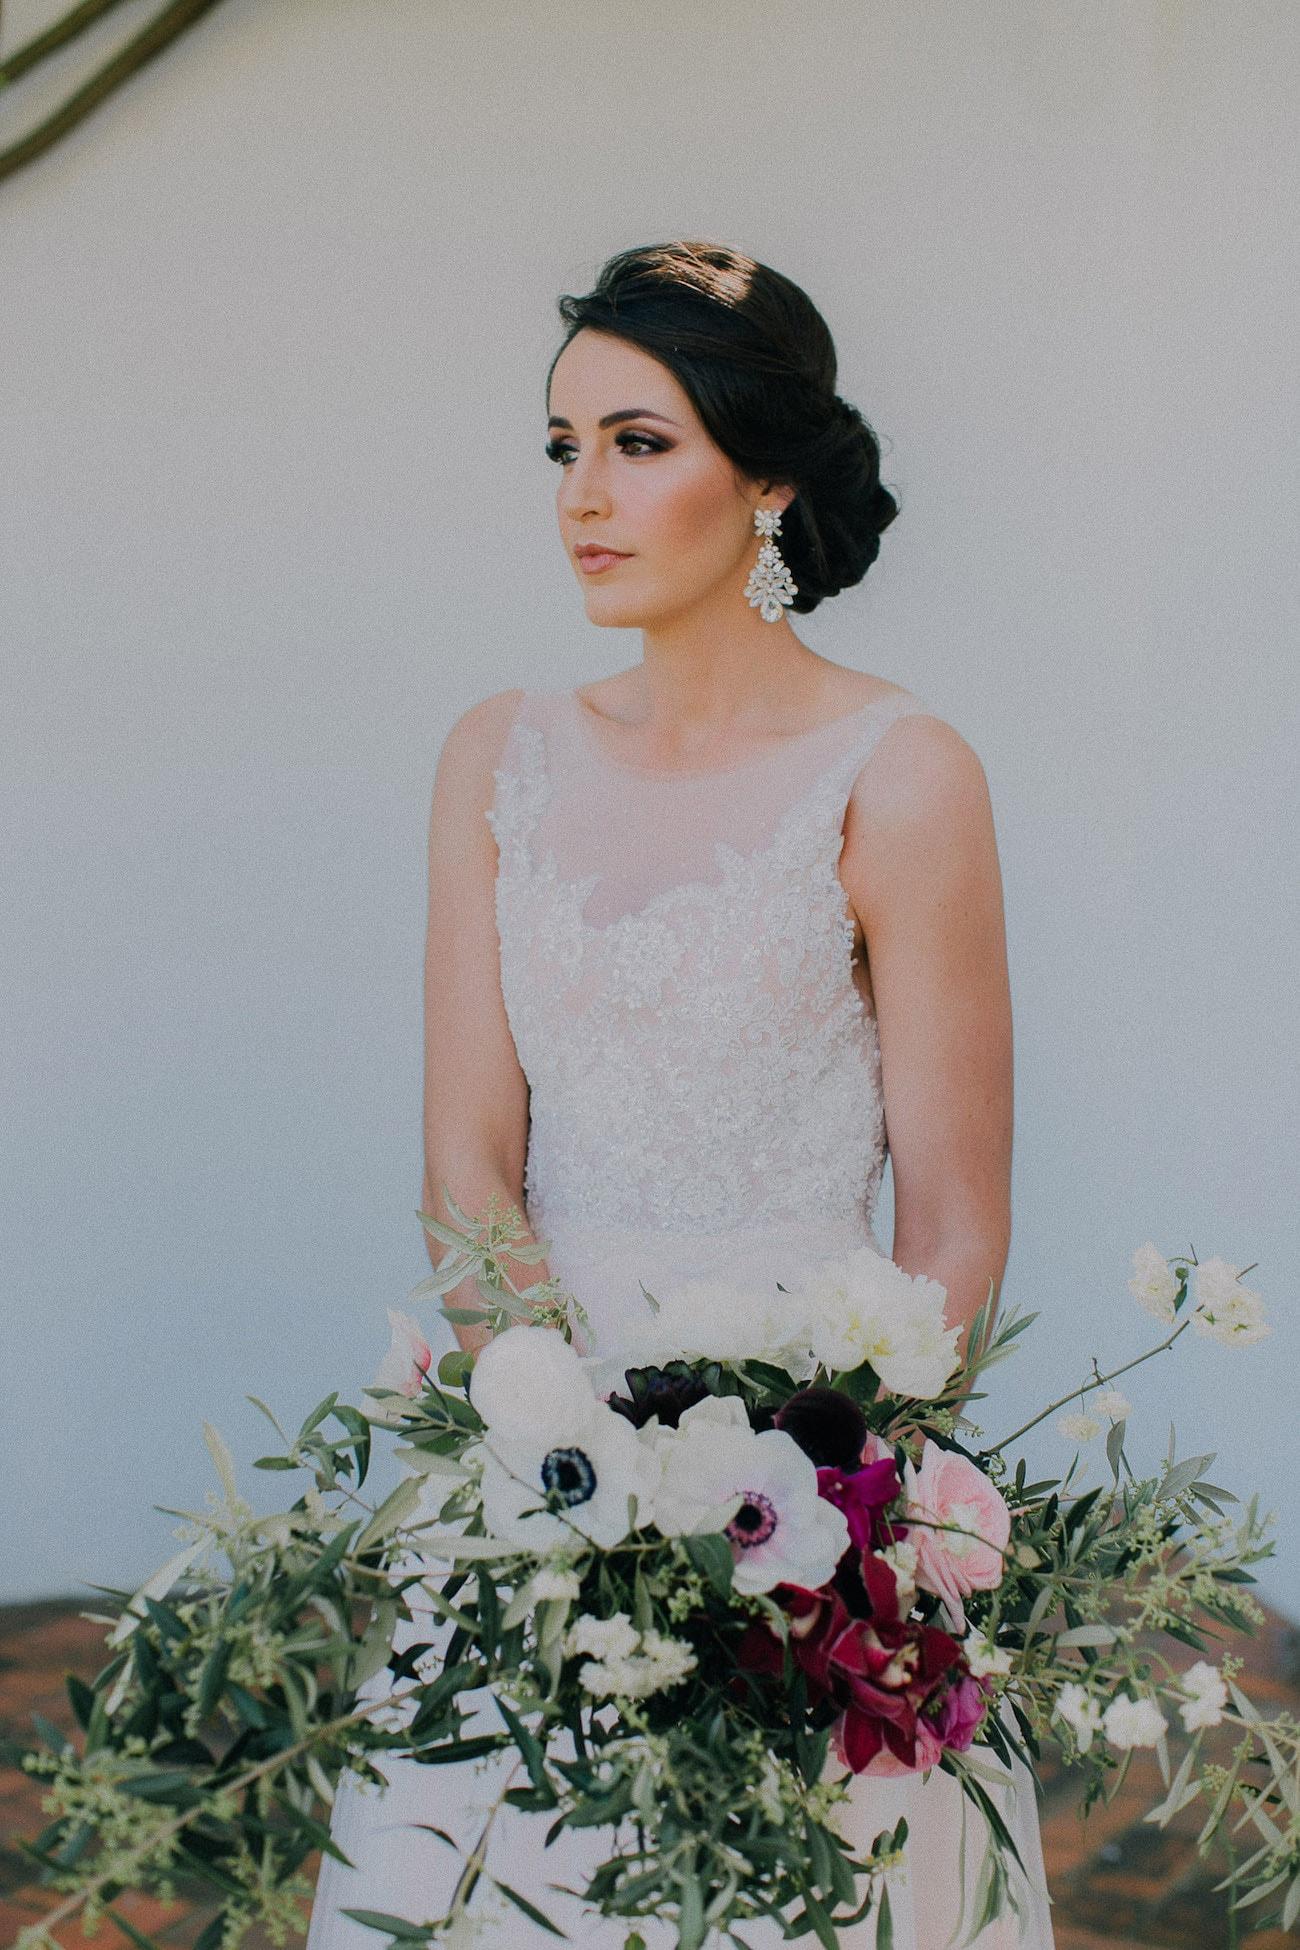 Brunette Bride with Organic Bouquet | Image: Michelle du Toit